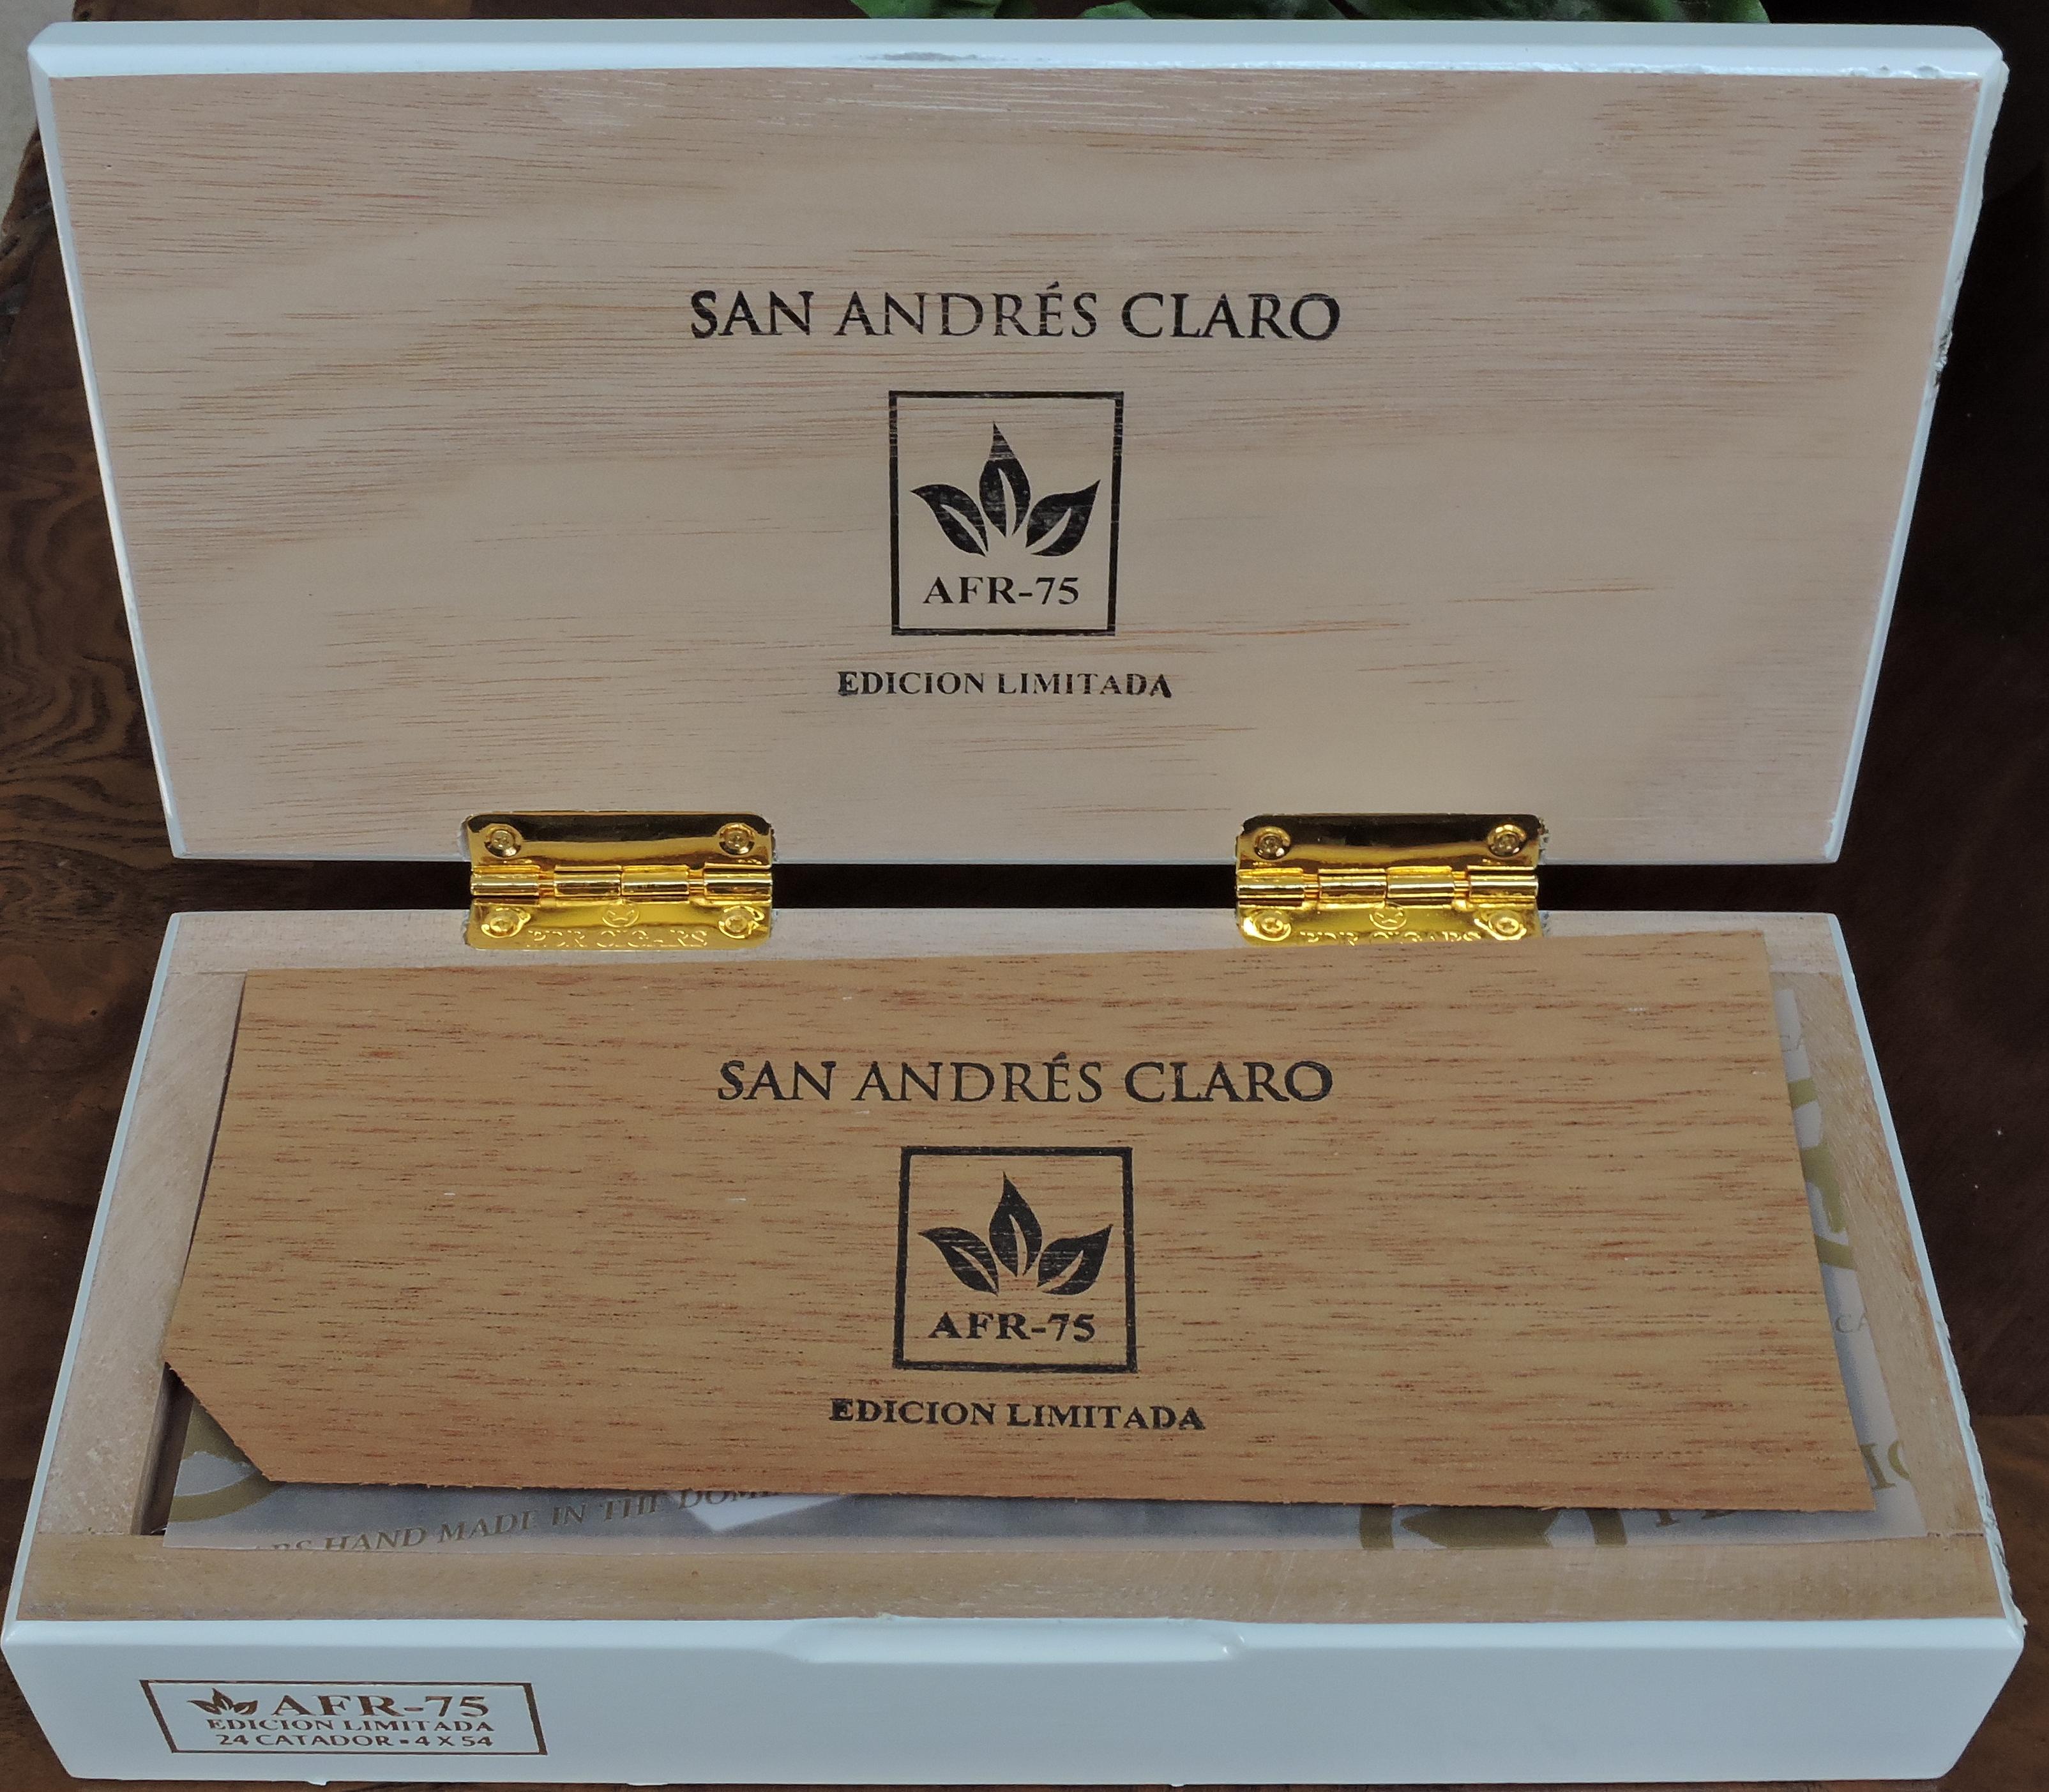 Open box of the AFR-75 Claro Catador